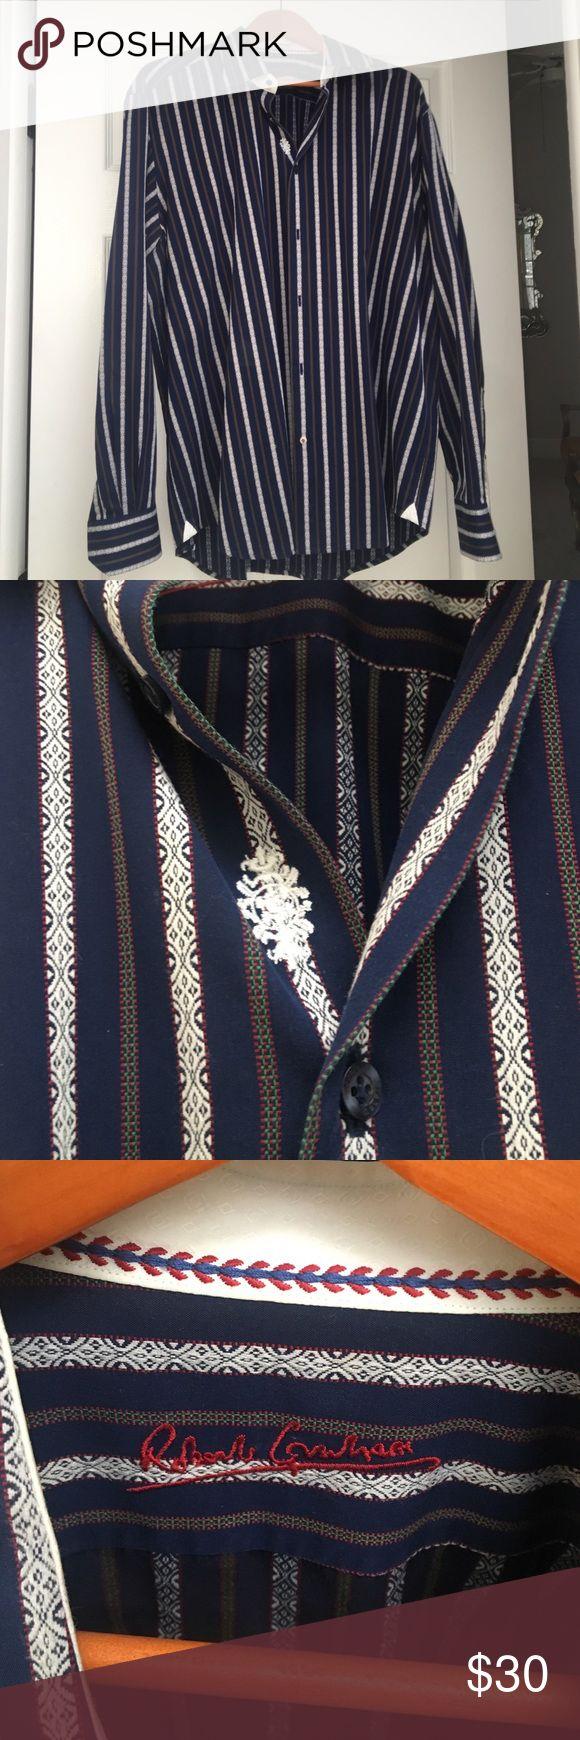 Men's Robert Graham shirt Only worn a handful of times men's Robert Graham button down shirt no stains, no snags, no rips Robert Graham Shirts Casual Button Down Shirts